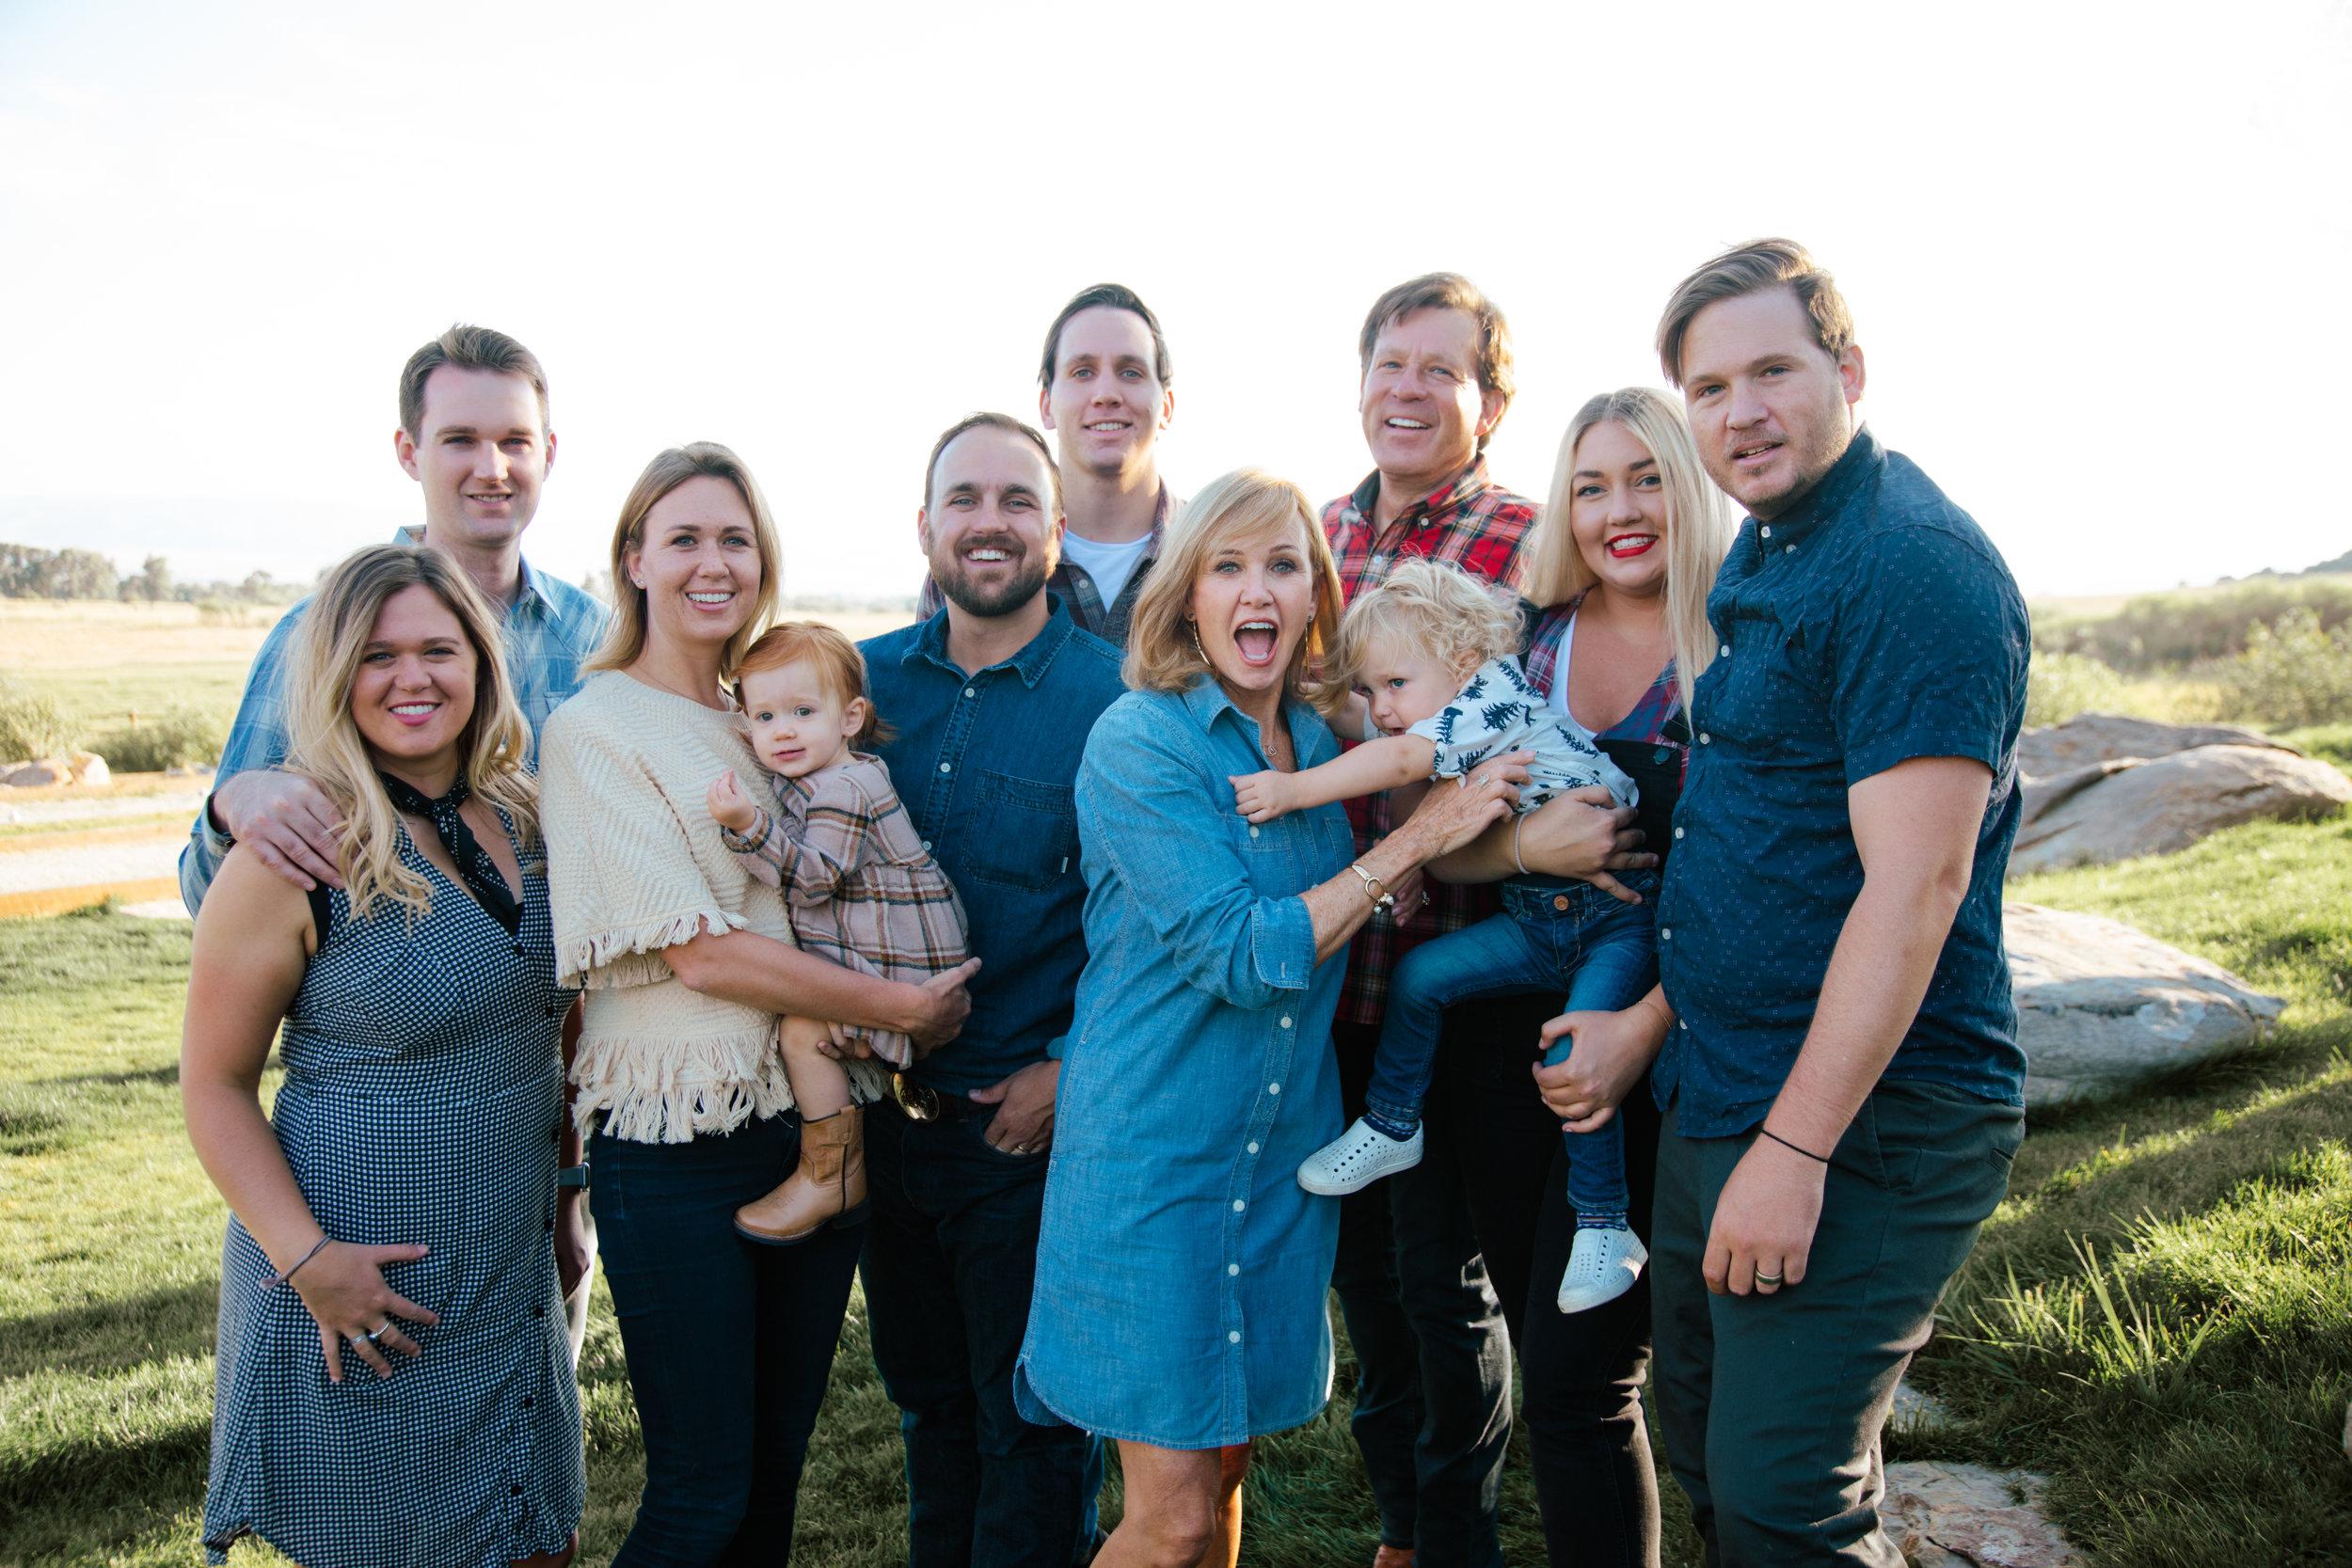 BCR_Burt Family_081518_Family Photos 2-8.jpg